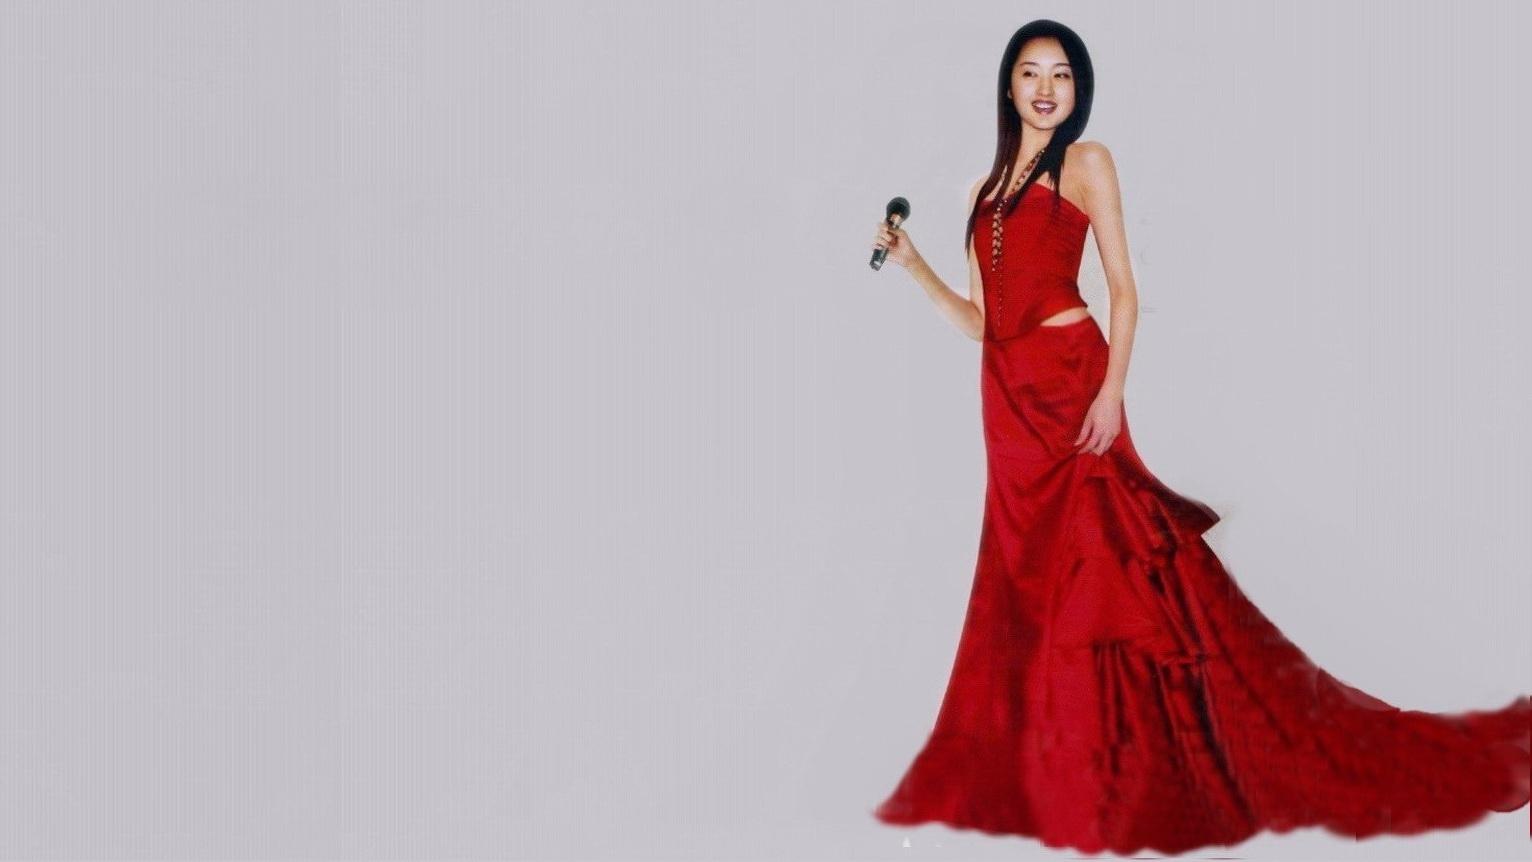 步步为莹甜歌玉女杨钰莹美丽纯净169电脑壁纸